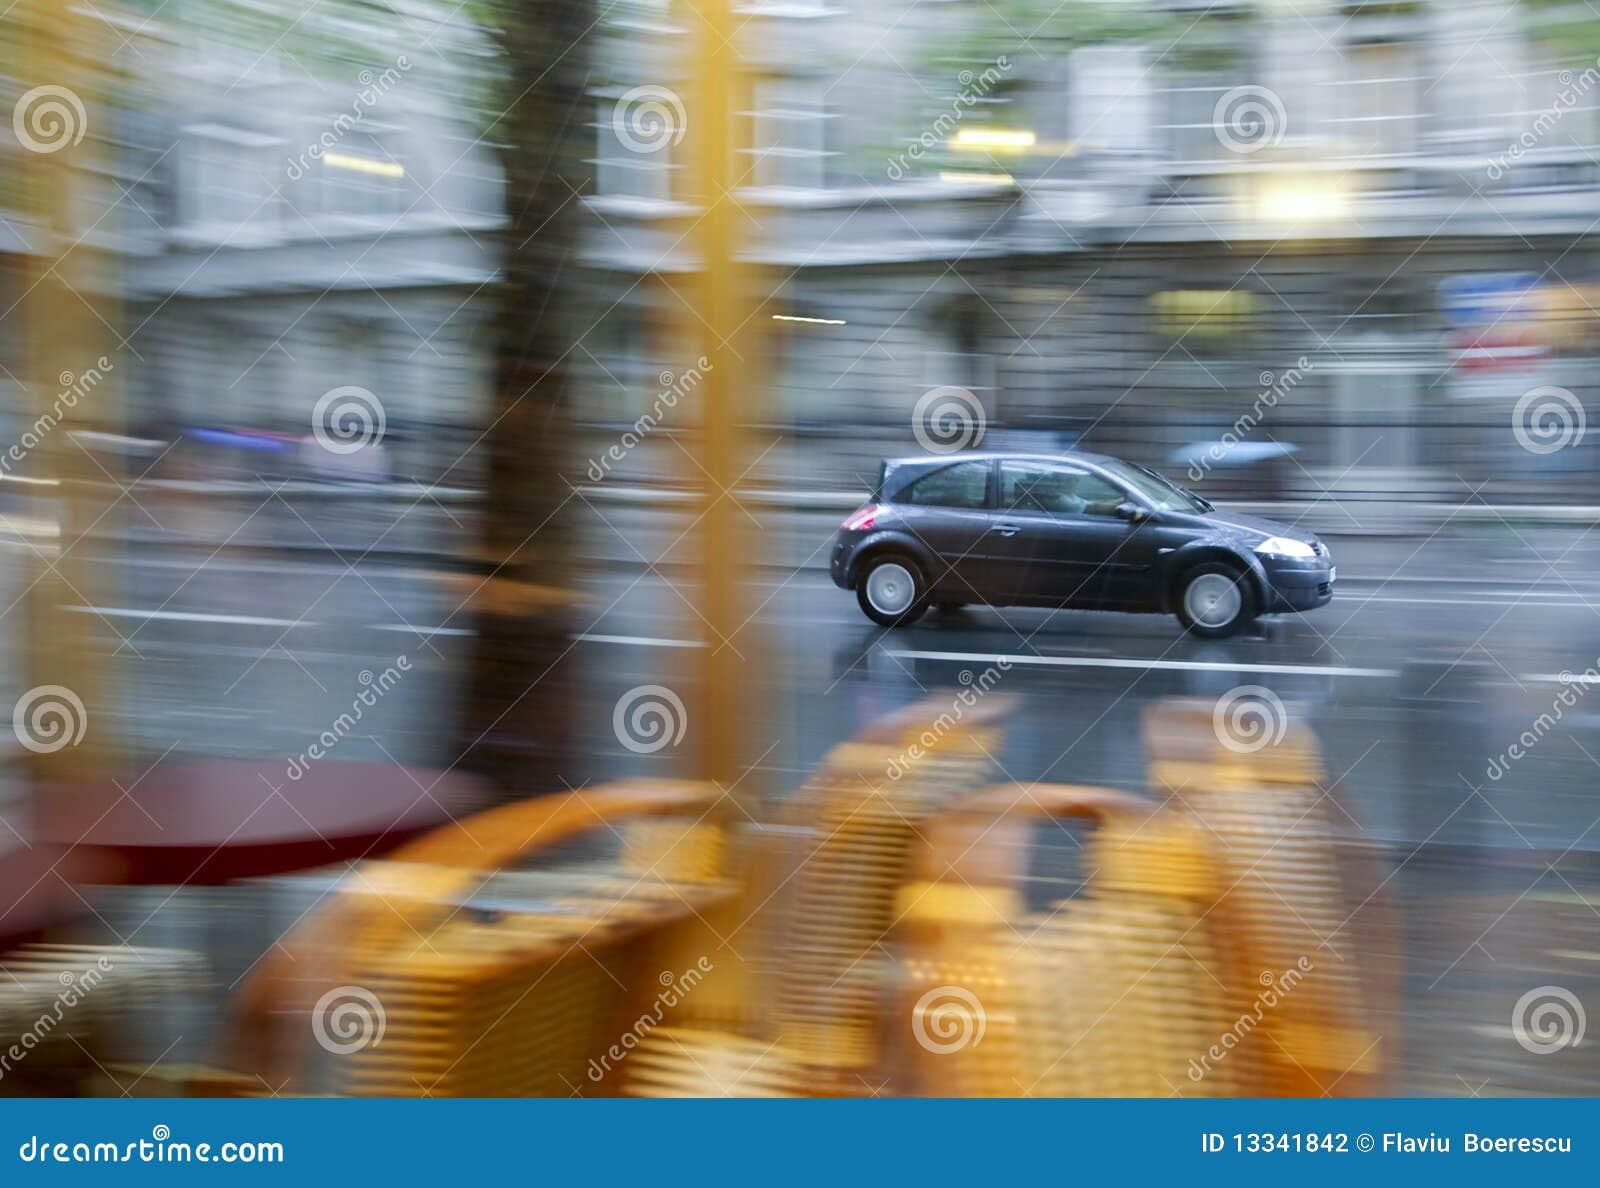 Samochodowy dzień skutka panning dżdżysty